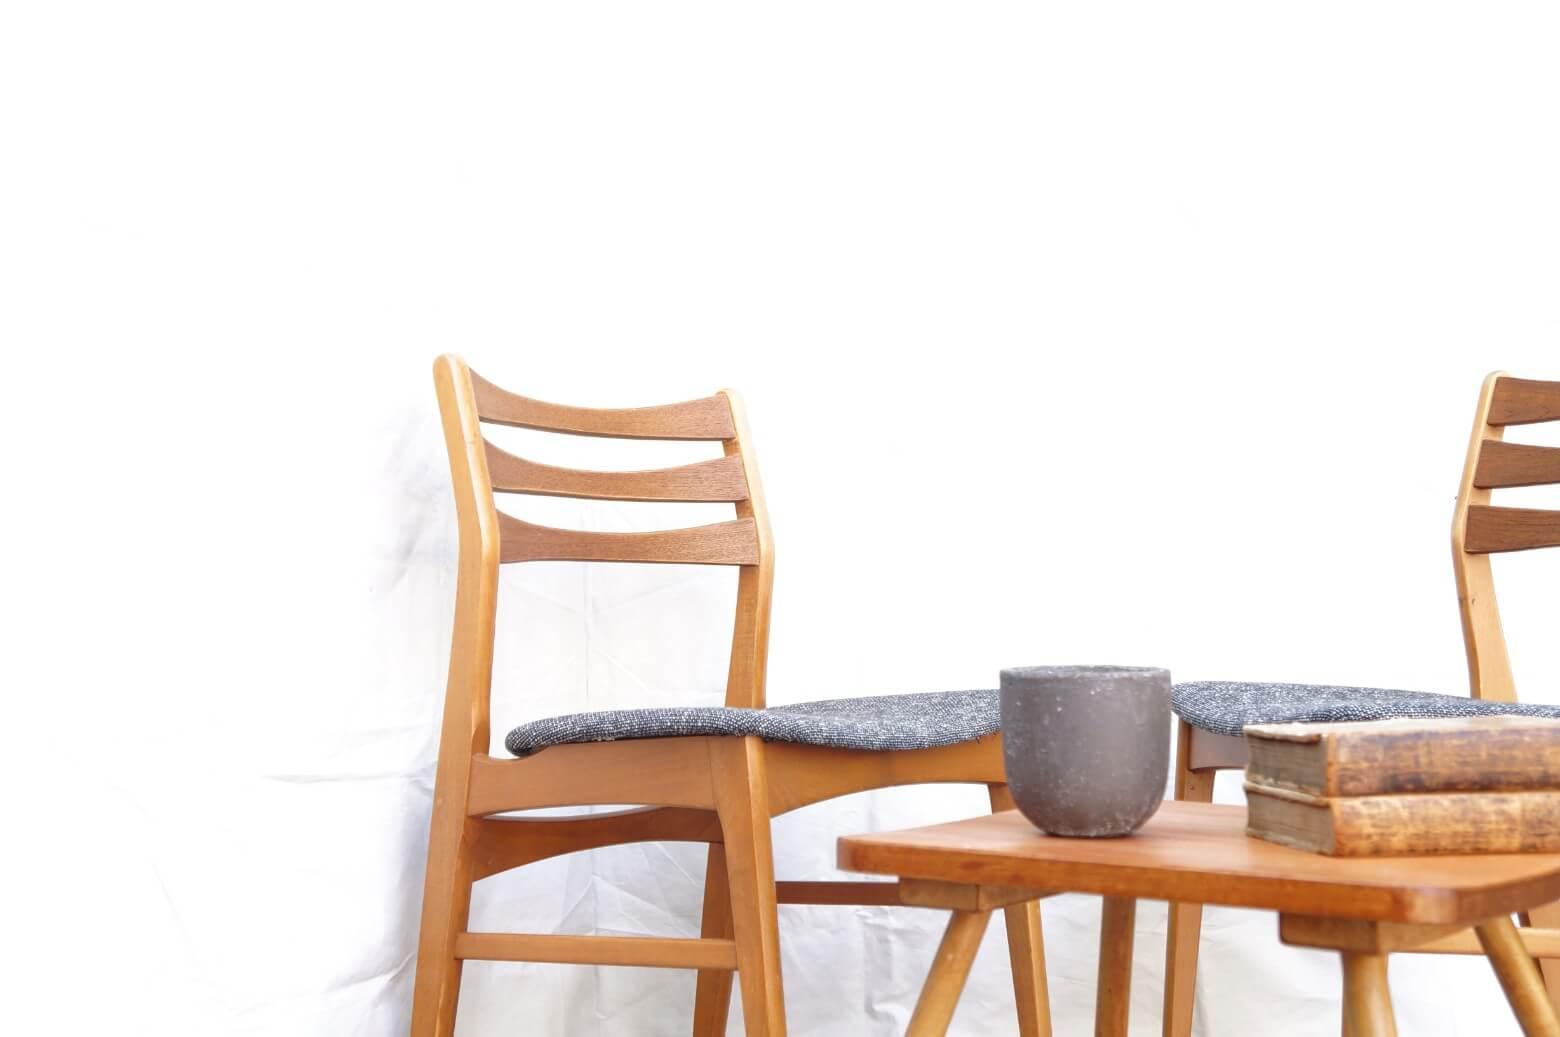 Faldsled & Mobelfabrik Dining Chair Made in Denmark REUPHOLSTERED / デンマーク製 ダイニングチェア 張替え済み 【商品説明】 デンマークの家具メーカーの ダイニングチェアが入荷致しました。 1960年代の物と思われ、背もたれには、チーク材 その他のフレームの部分には、ブナ材を使用しています。 背もたれには適度な角度があり、もたれかかった時に 心地よいホールド感を感じられます。 座面は幅が広くゆったりとご使用いただけるチェアです。 座面には厚みのあるシンプルなマーブル柄に張り替えましたので 北欧モダン、和スタイルにも相性の良くご使用頂けるかと思います。 是非この機会にいかがでしょうか。 東京都杉並区阿佐ヶ谷北アンティークショップ 古一】 古一/ふるいちでは出張無料買取も行っております。杉並区周辺はもちろん、世田谷区・目黒区・武蔵野市・新宿区等の東京近郊のお見積もりも!ビンテージ家具・インテリア雑貨・ランプ・USED品・ リサイクルなら古一/フルイチへ~